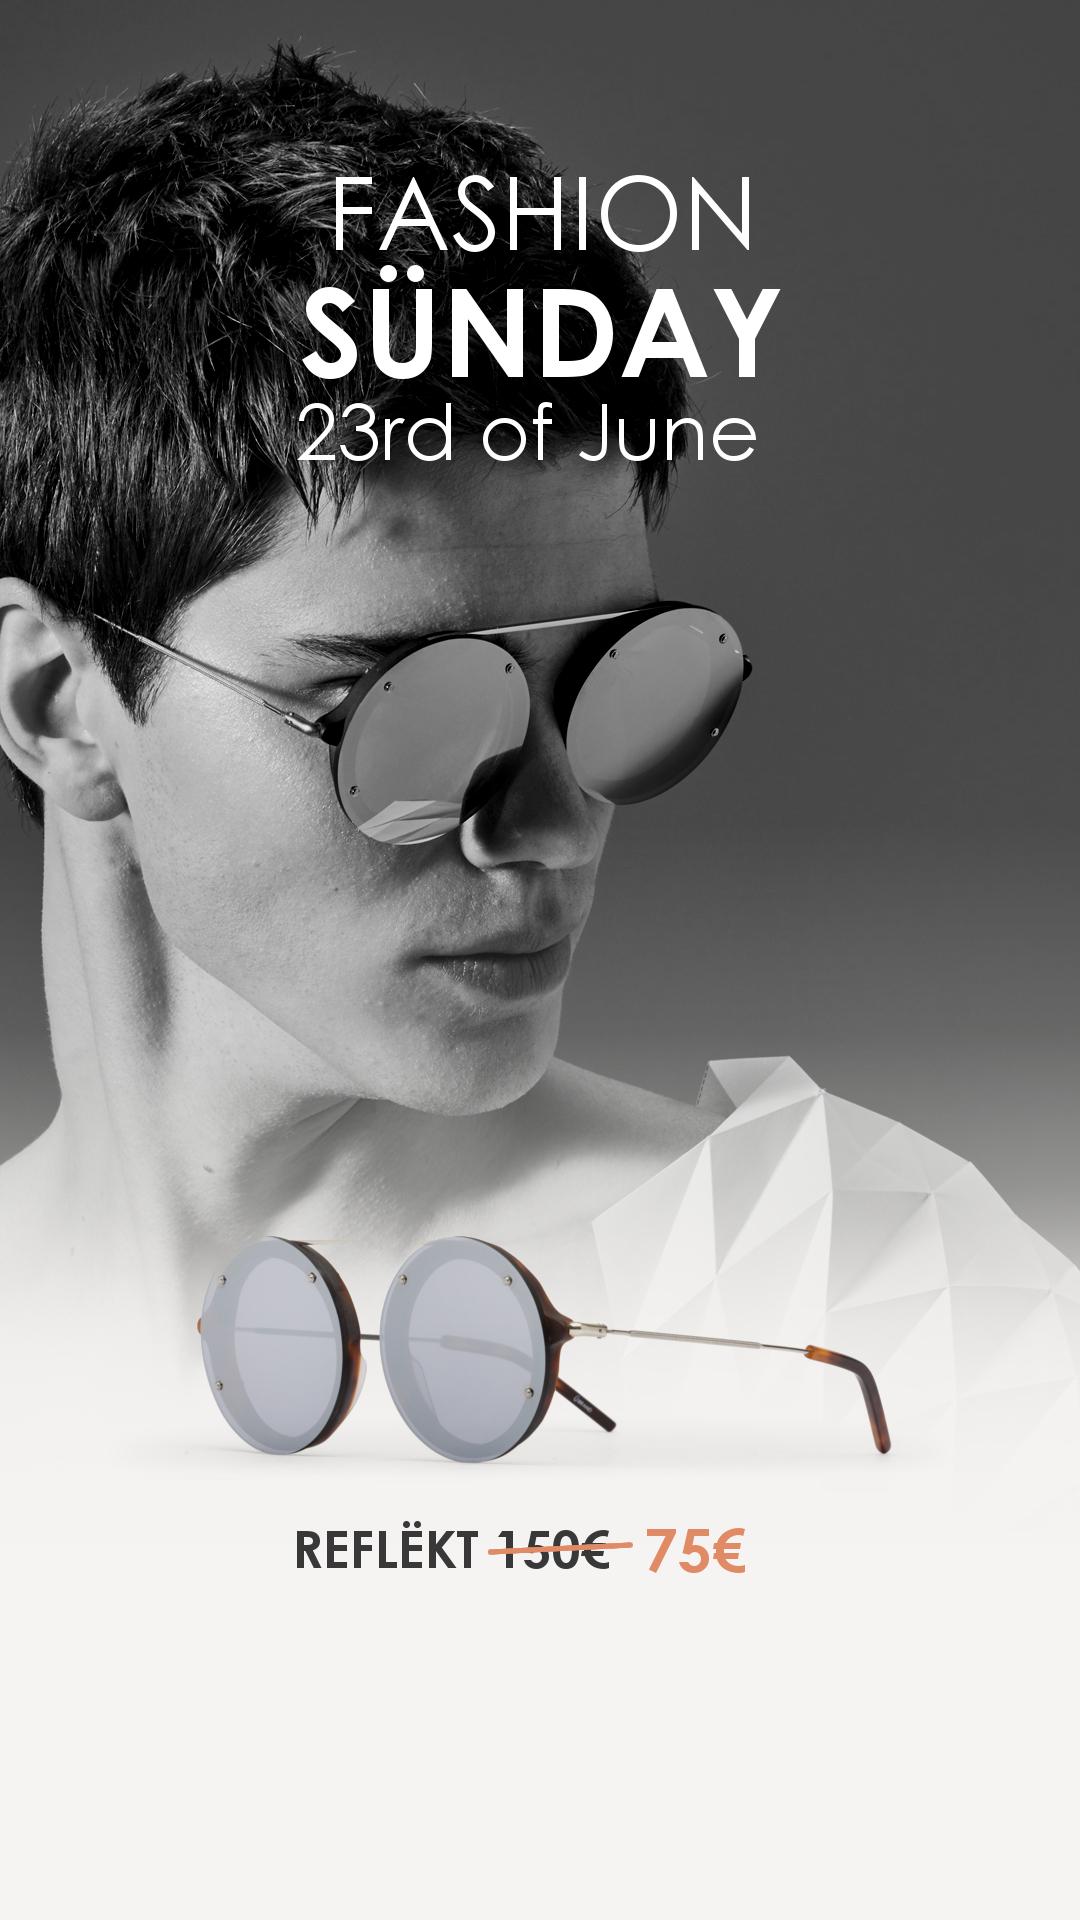 641d6c08fe Ü Brand: 50% de descuento en todas sus gafas de sol este domingo